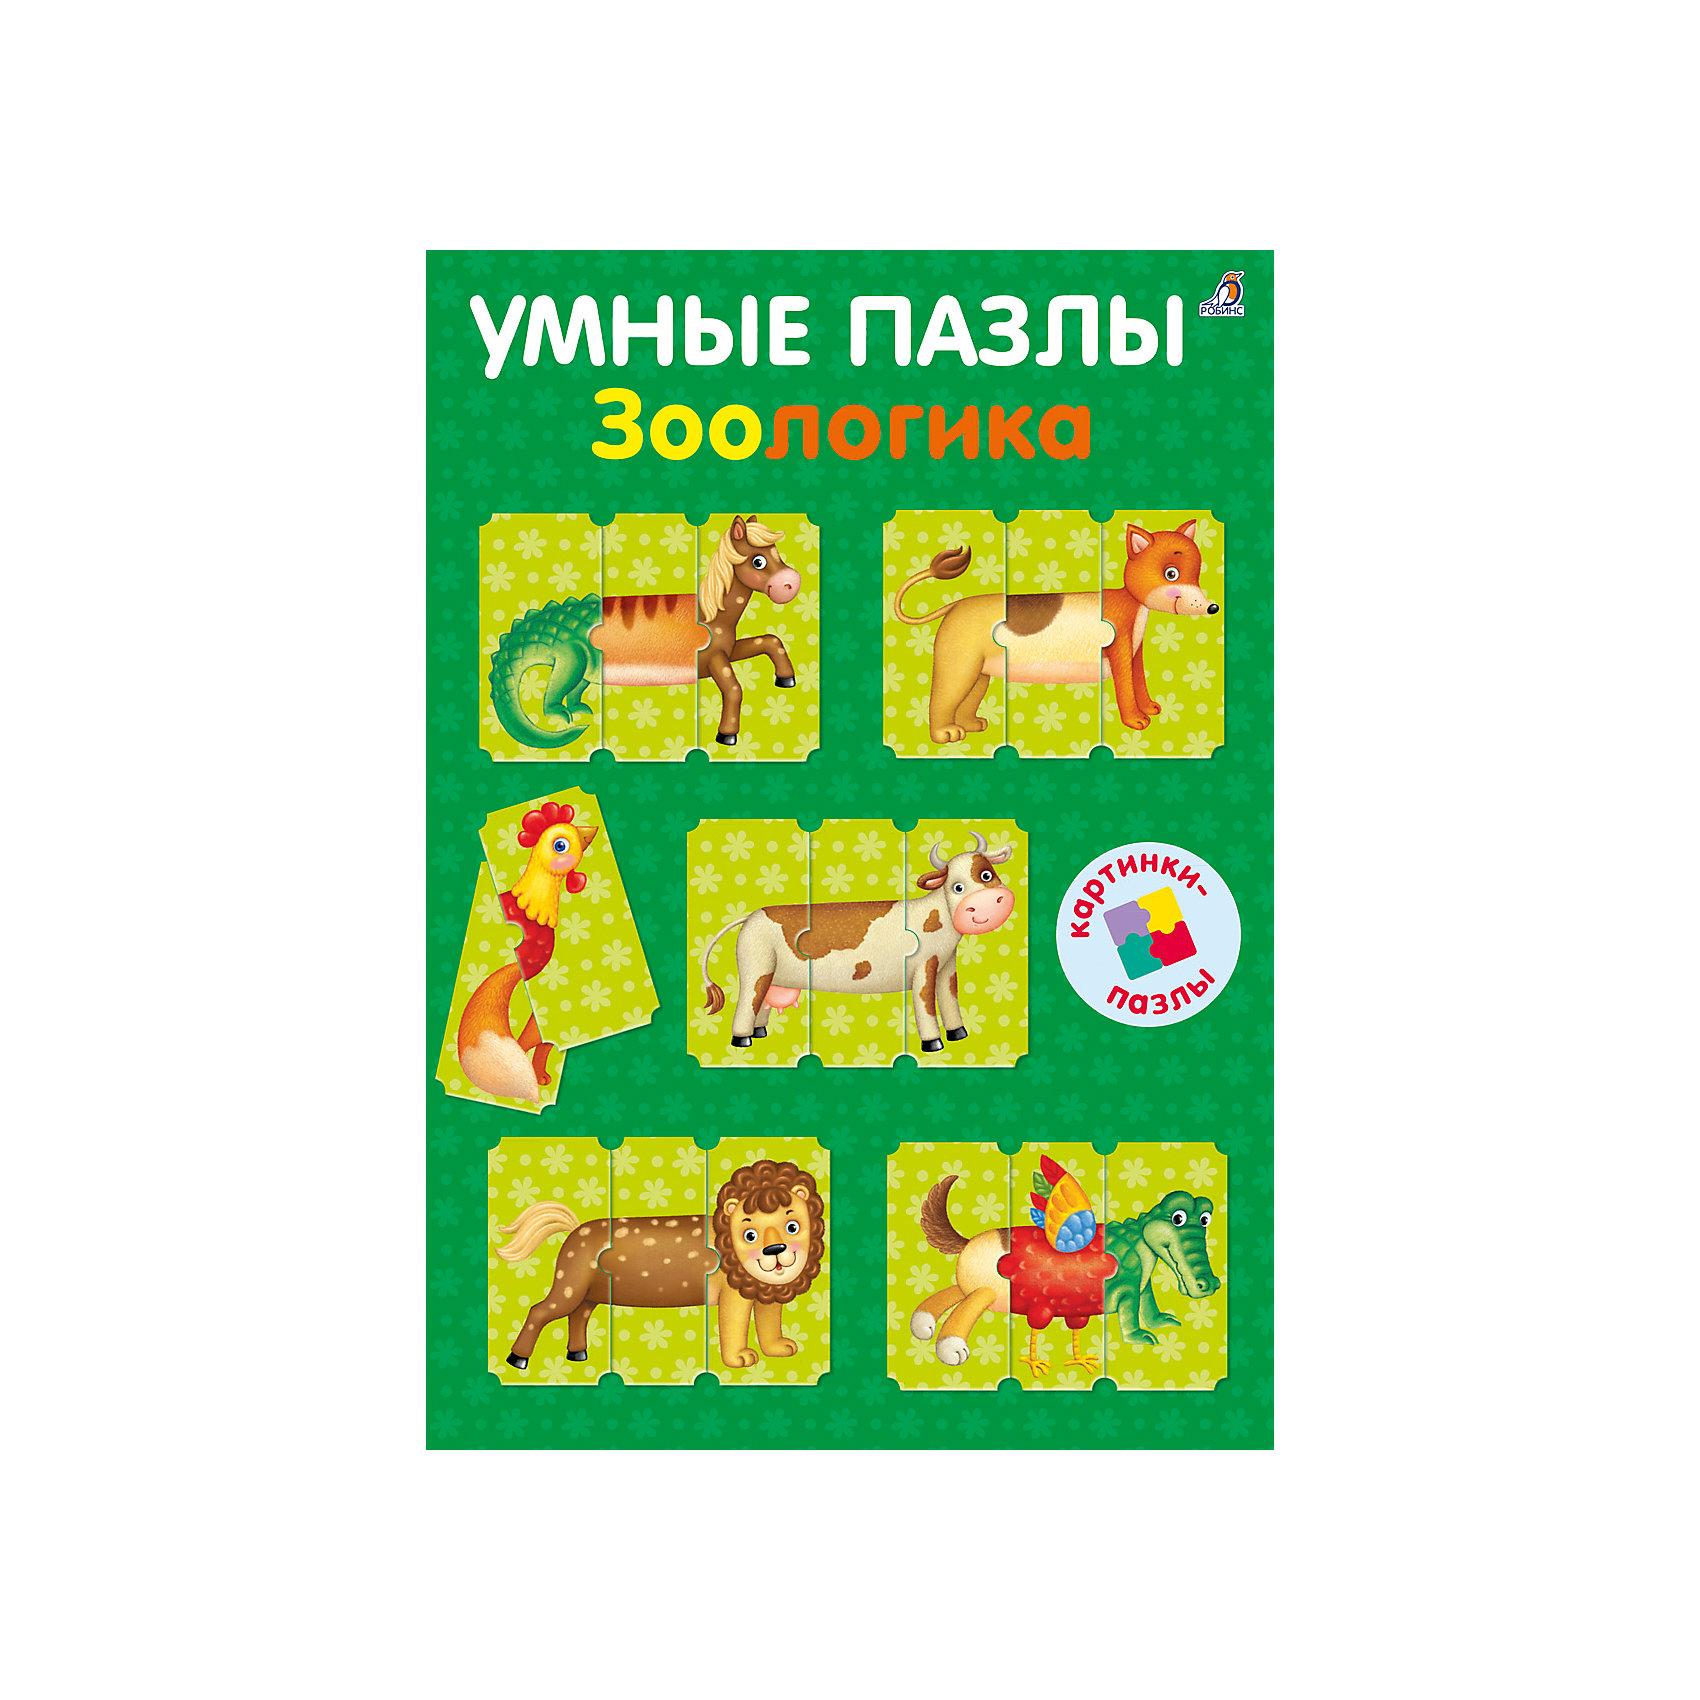 Умные пазлы: ЗоологикаКниги-пазлы<br>Книга Умные пазлы. Зоологика.<br><br>Характеристика:<br><br>• Формат: 31х21 см.<br>• Переплет: твердый. <br>• Количество страниц: 2.<br>• Иллюстрации: цветные.<br>• Детали пазлов выполнены из плотного картона. <br>• Развивает речь, моторику рук, цветовосприятие, фантазию, расширяет словарный запас.<br><br>Книга Умные пазлы. Зоологика поможет малышам выучить новые слова, познакомит с животными и разовьет моторику рук и воображение. Пазл состоит из трех частей, на другой стороне картинки название животного. Предложите малышам собрать понравившуюся картинку и определенное слово или же придумайте своих удивительных зверей, их названия и истории, связанные с ними. Малышам обязательно понравится выполнять задания, рассматривать яркие картинки и учиться - весело и с интересом! <br><br>Книгу Умные пазлы. Зоологика можно купить в нашем интернет-магазине.<br><br>Ширина мм: 300<br>Глубина мм: 210<br>Высота мм: 100<br>Вес г: 379<br>Возраст от месяцев: 36<br>Возраст до месяцев: 2147483647<br>Пол: Унисекс<br>Возраст: Детский<br>SKU: 5507287